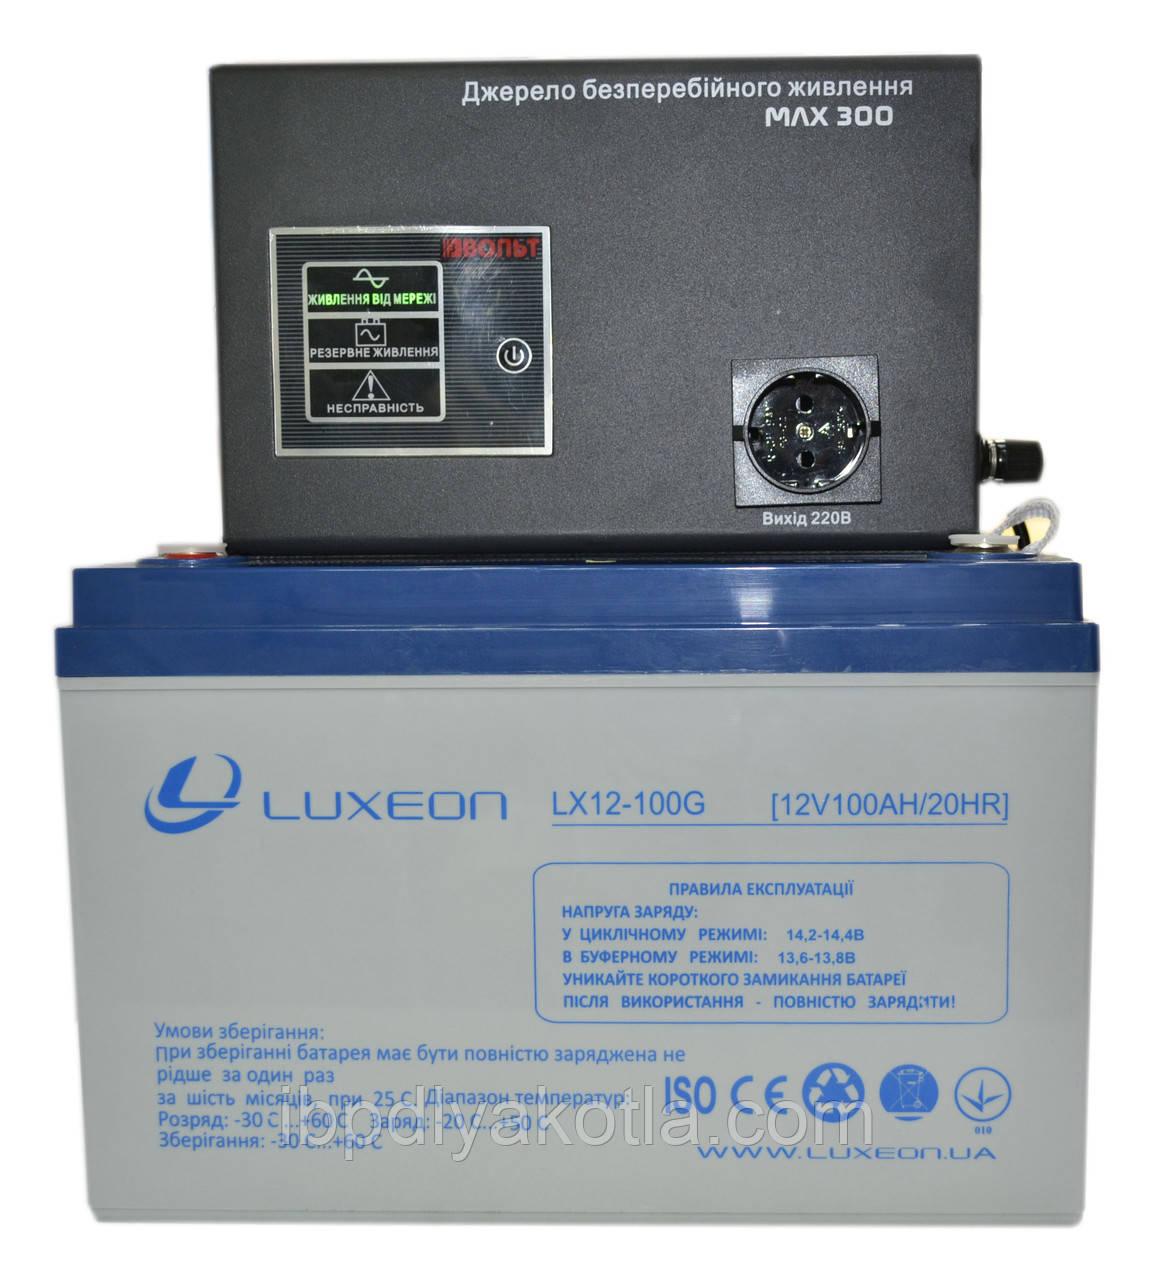 Комплект резервного питания ИБП Вольт MAX-300 + АКБ LX12-100G 100Ah для 7-12ч работы газового котла